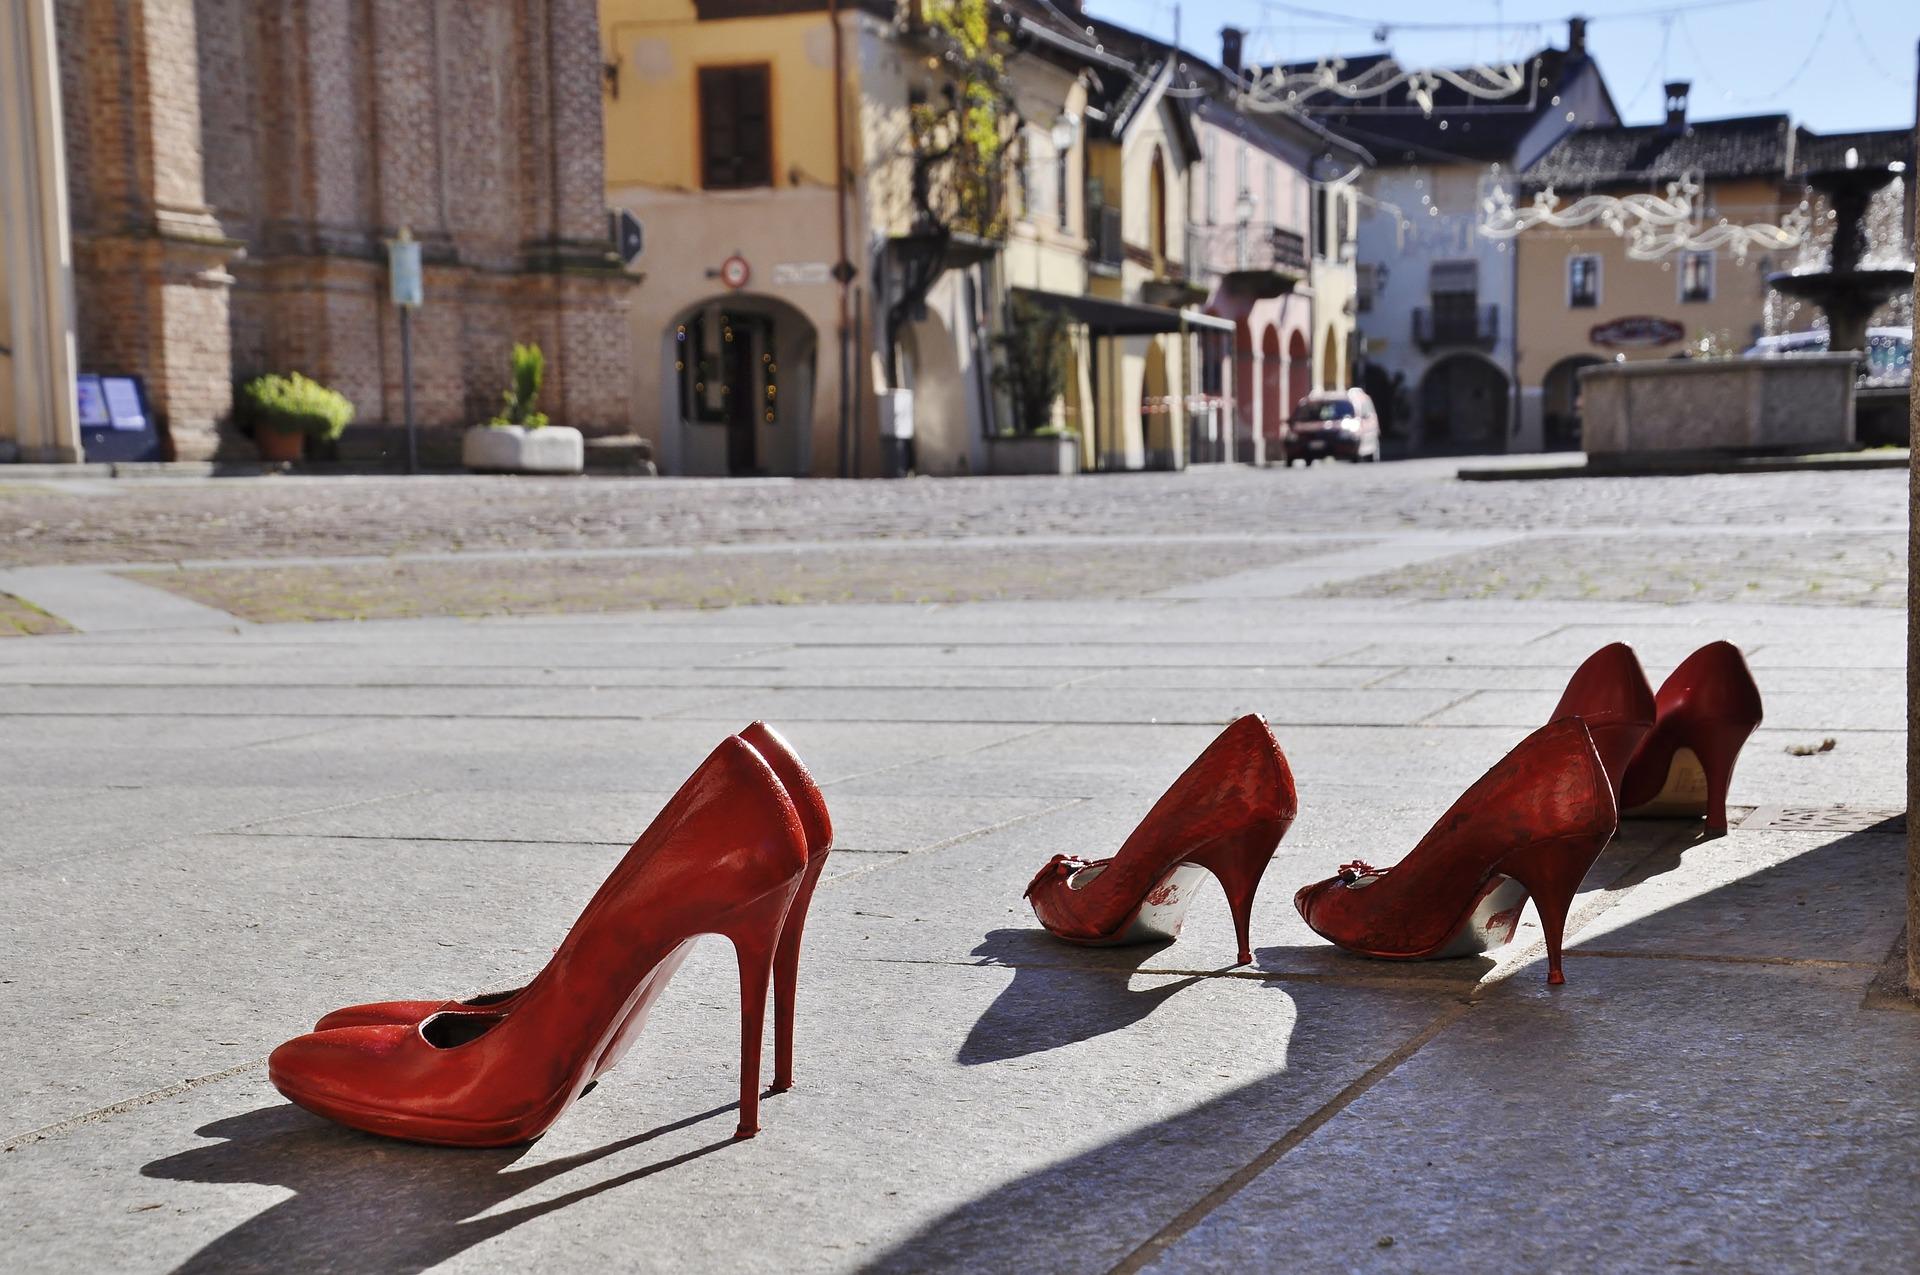 La violenza sulle donne: uno sguardo all'Italia di oggi